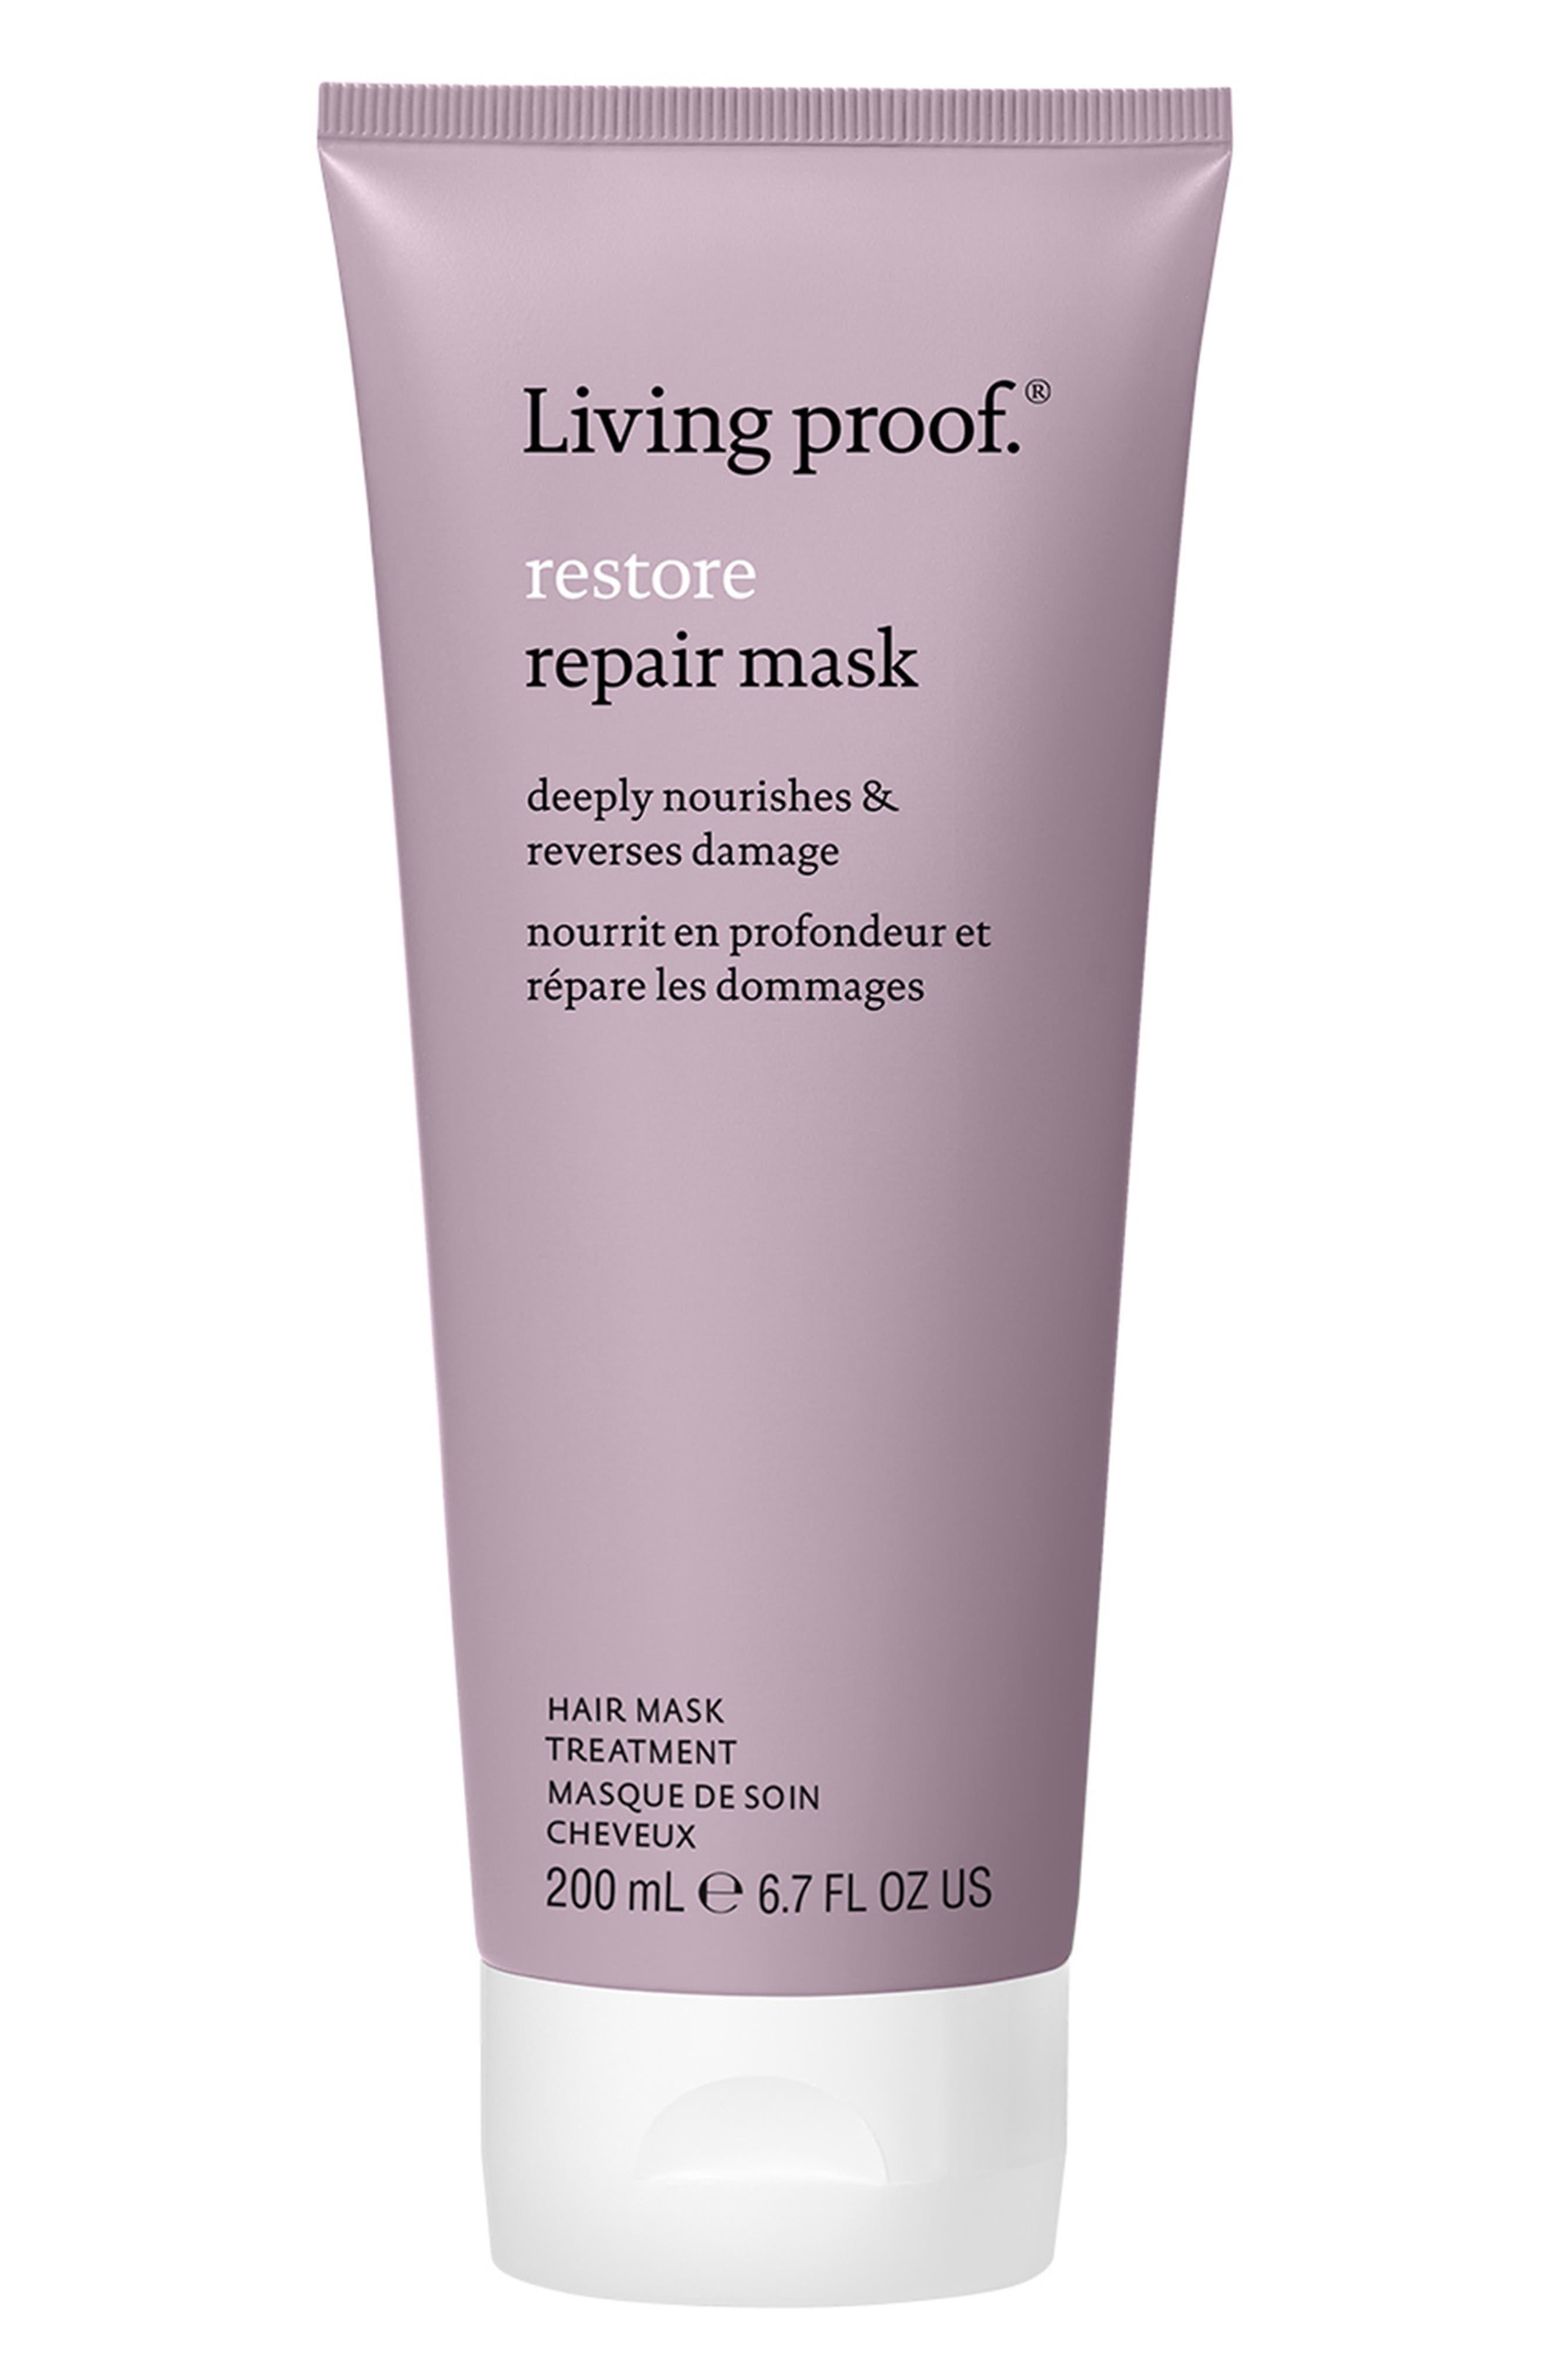 Living Proof Restore Repair Mask